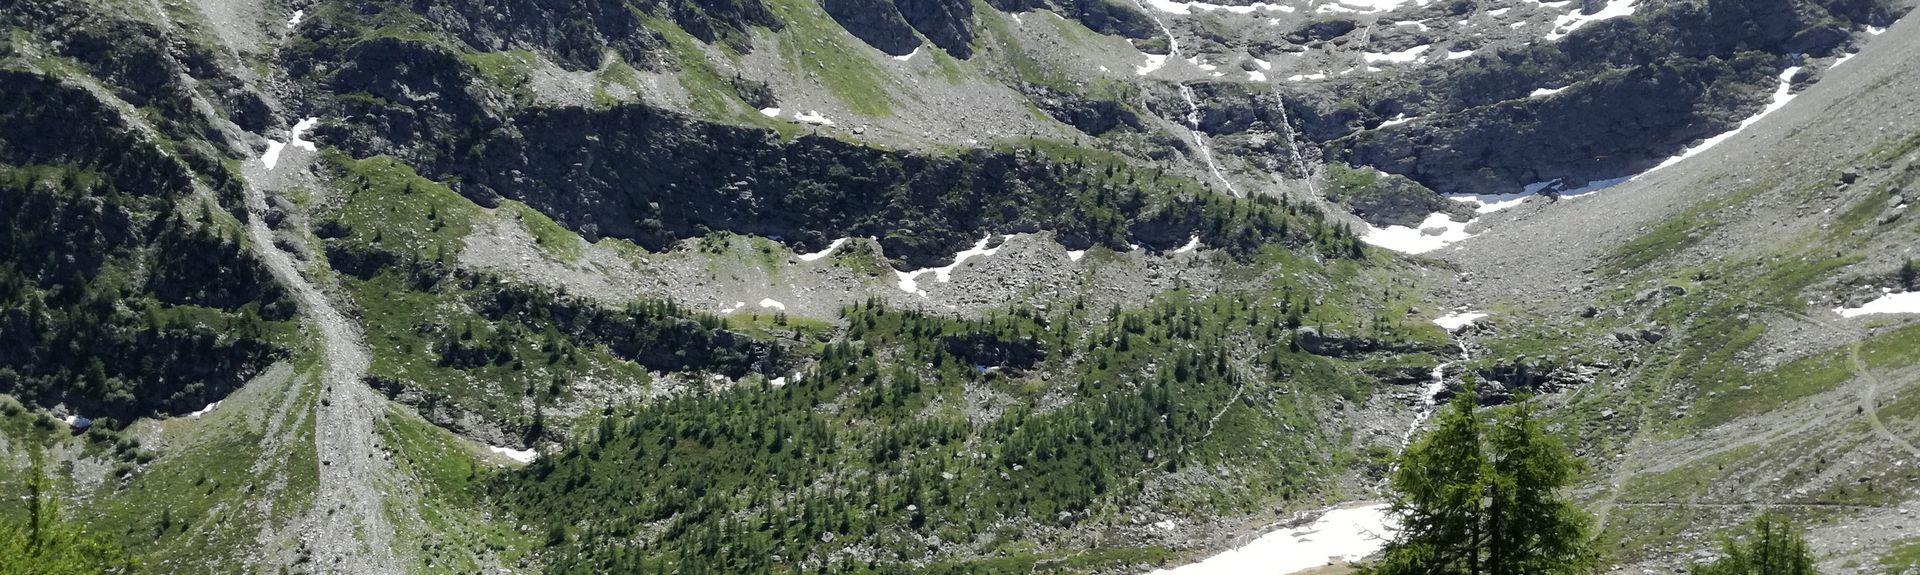 La Salle, Valle d'Aosta, Italia